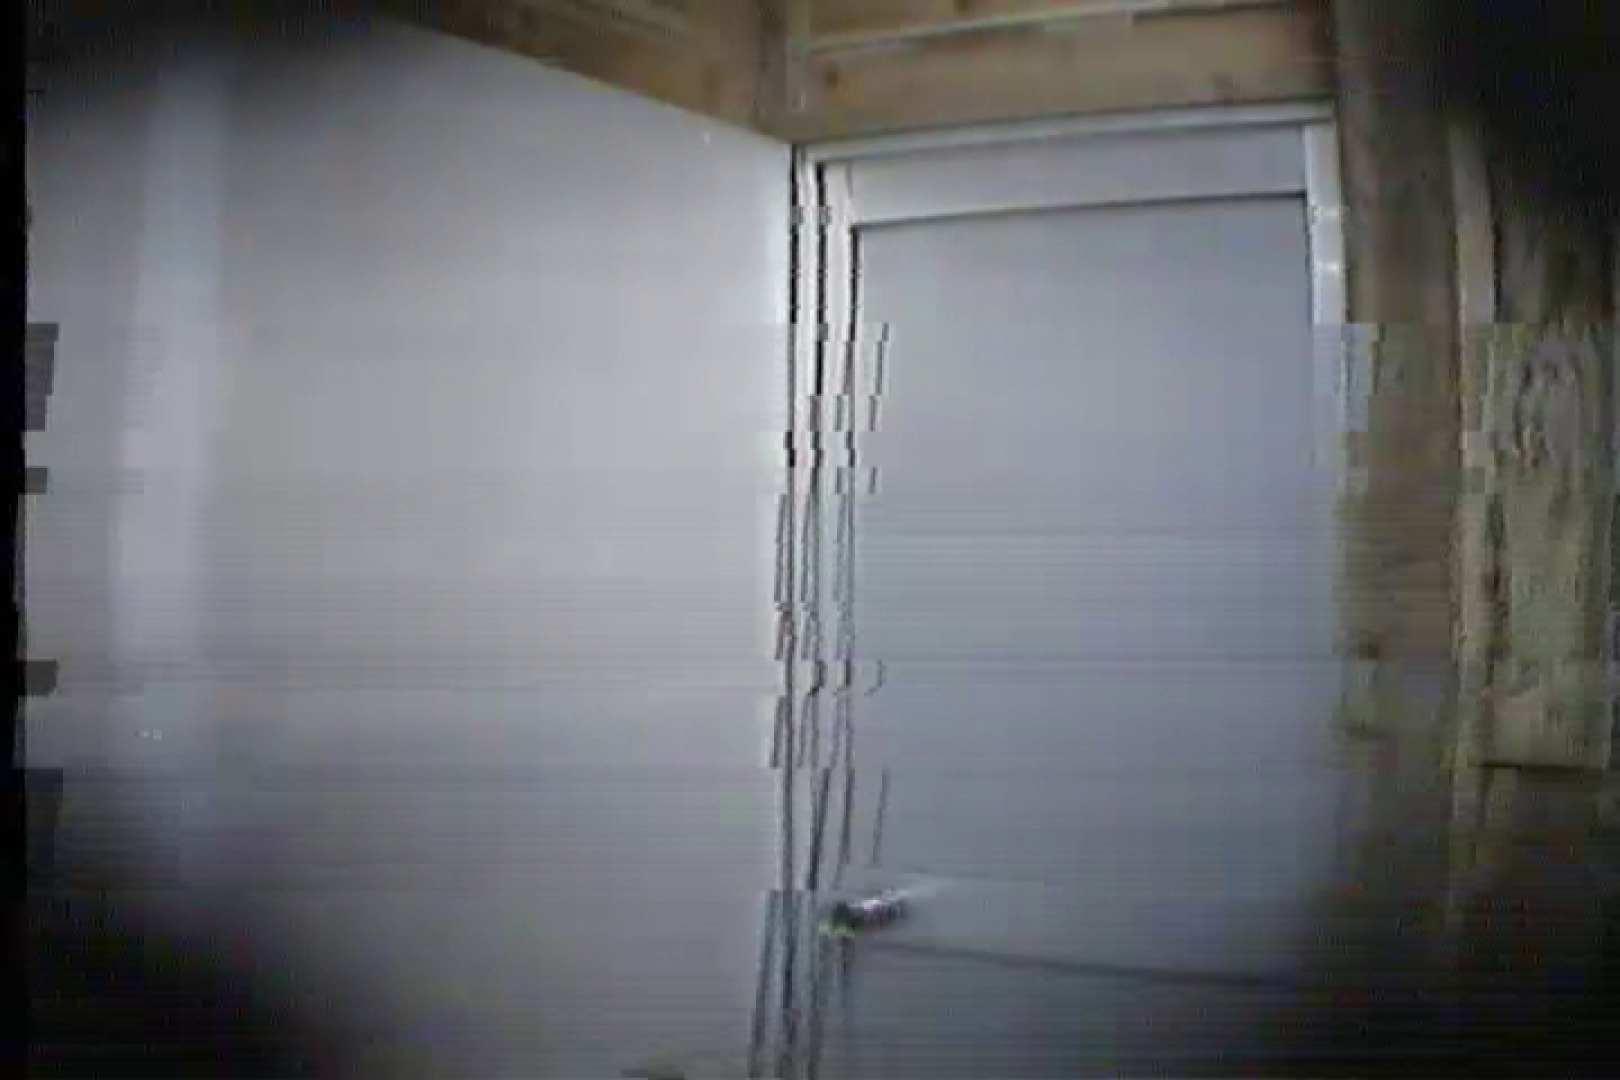 海の家の更衣室 Vol.20 日焼けした肌 セックス画像 107画像 31